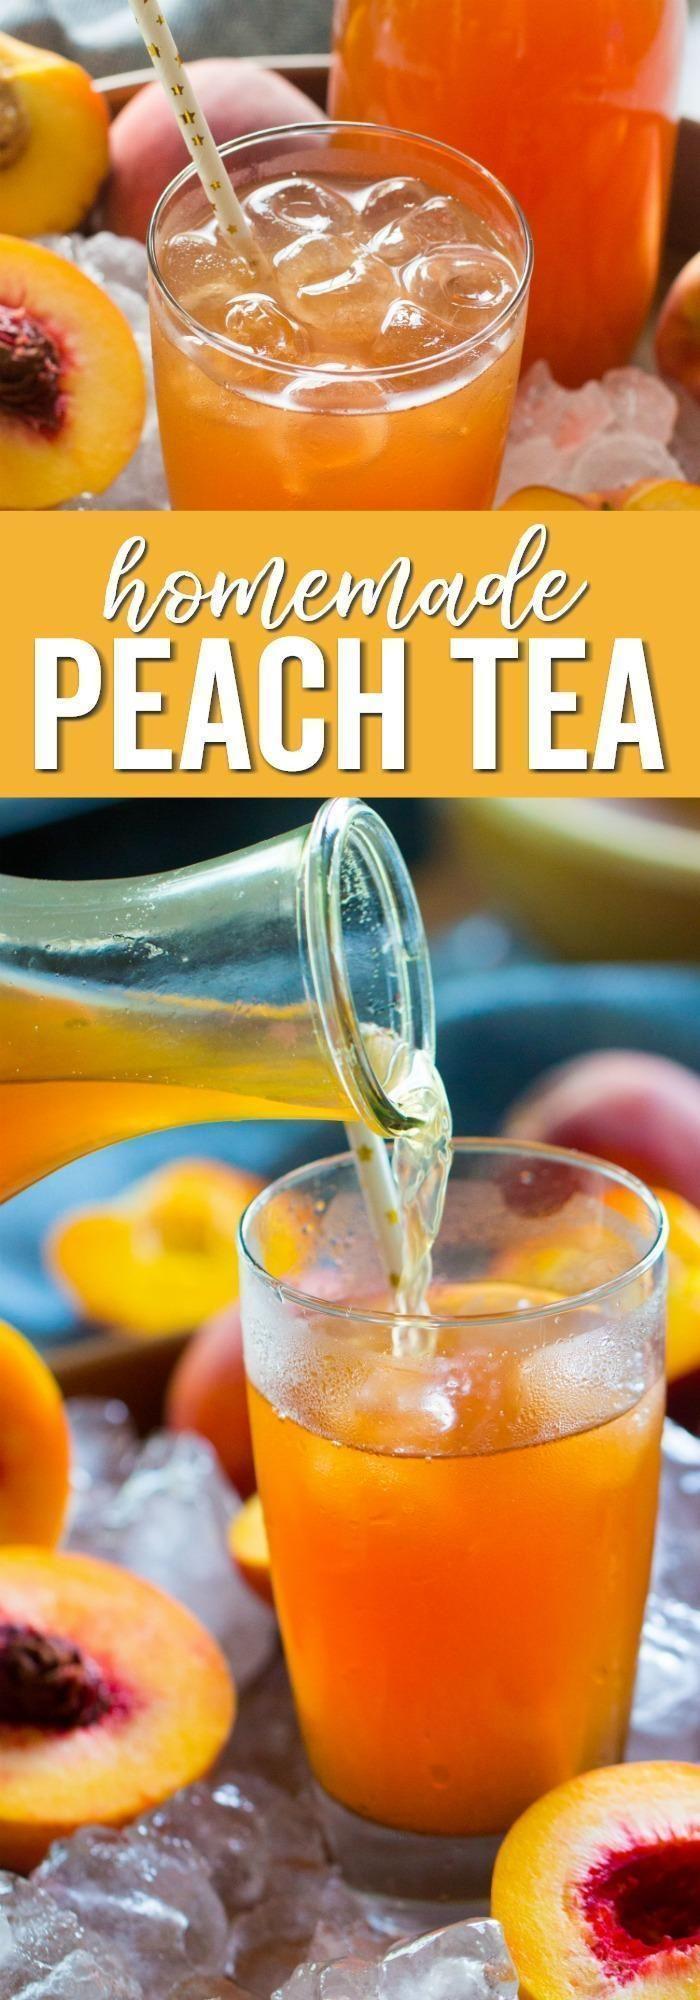 Easy Peach Tea Recipe! Homemade Tea Recipe that Everyone will Love!